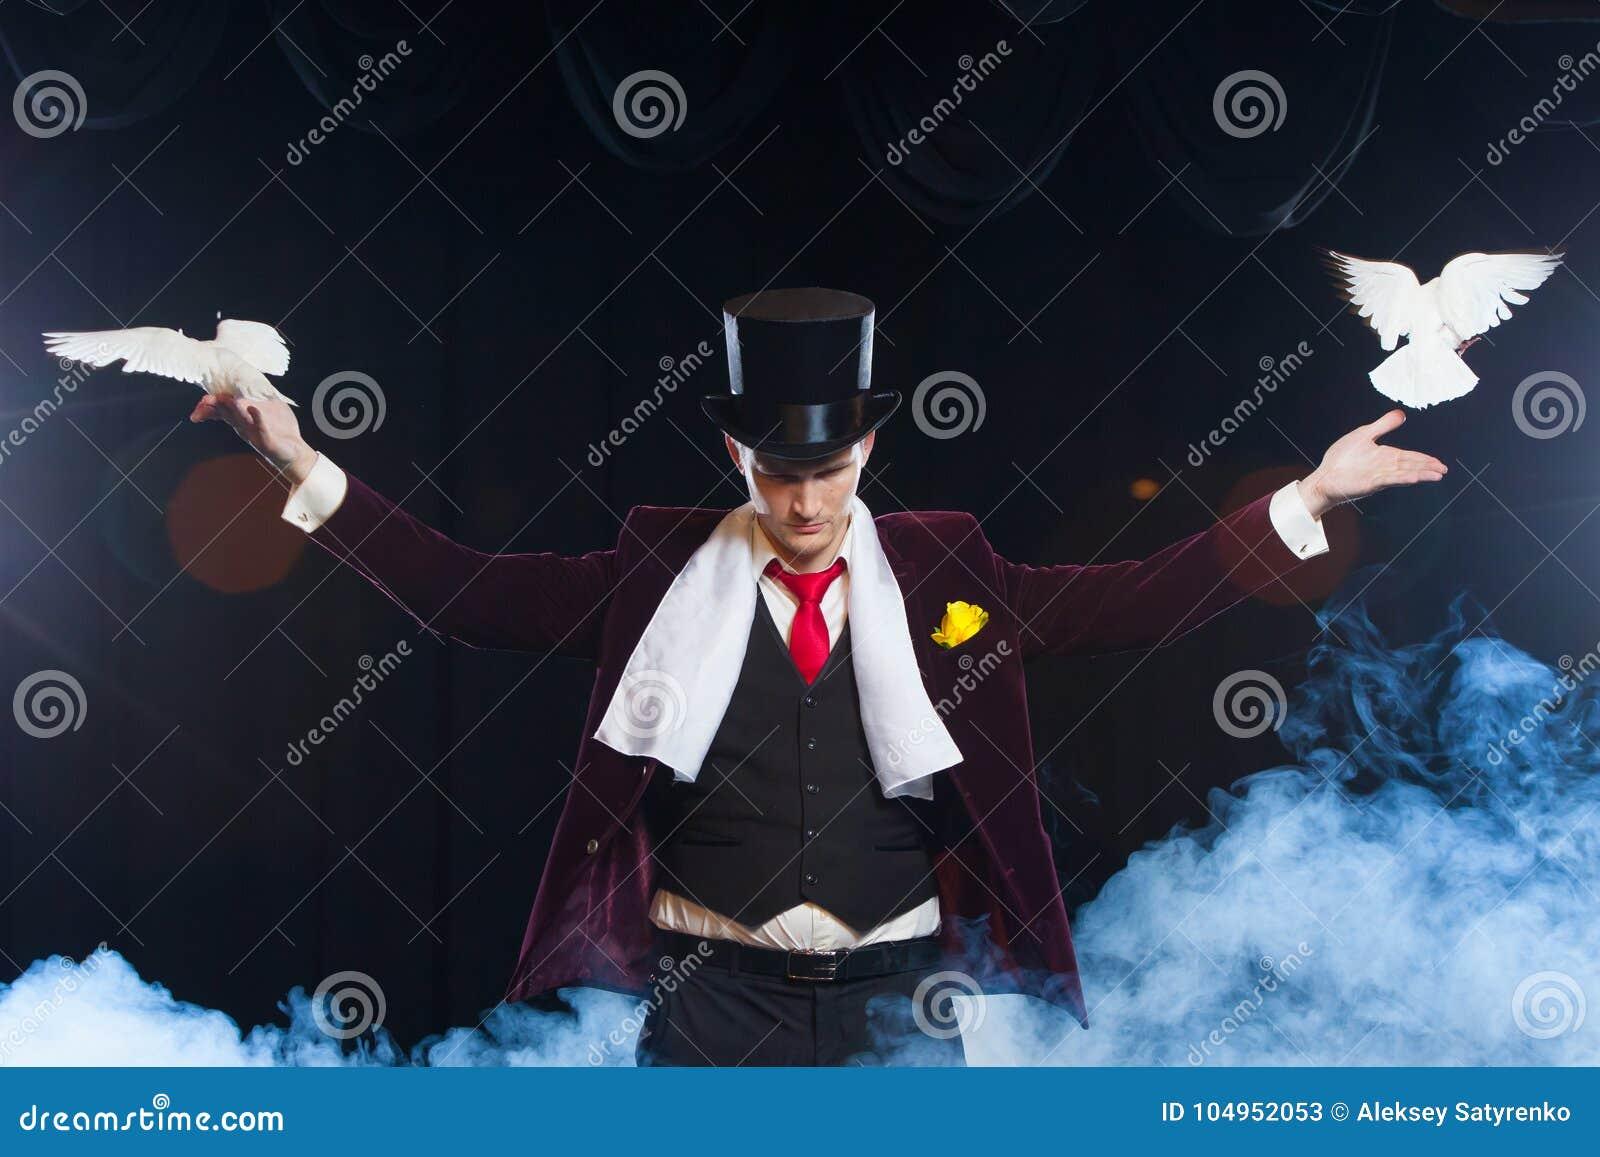 Der Magier mit zwei fliegende weiße Tauben auf einem Schwarzhintergrund eingehüllt in einen schönen mysteriösen Rauch